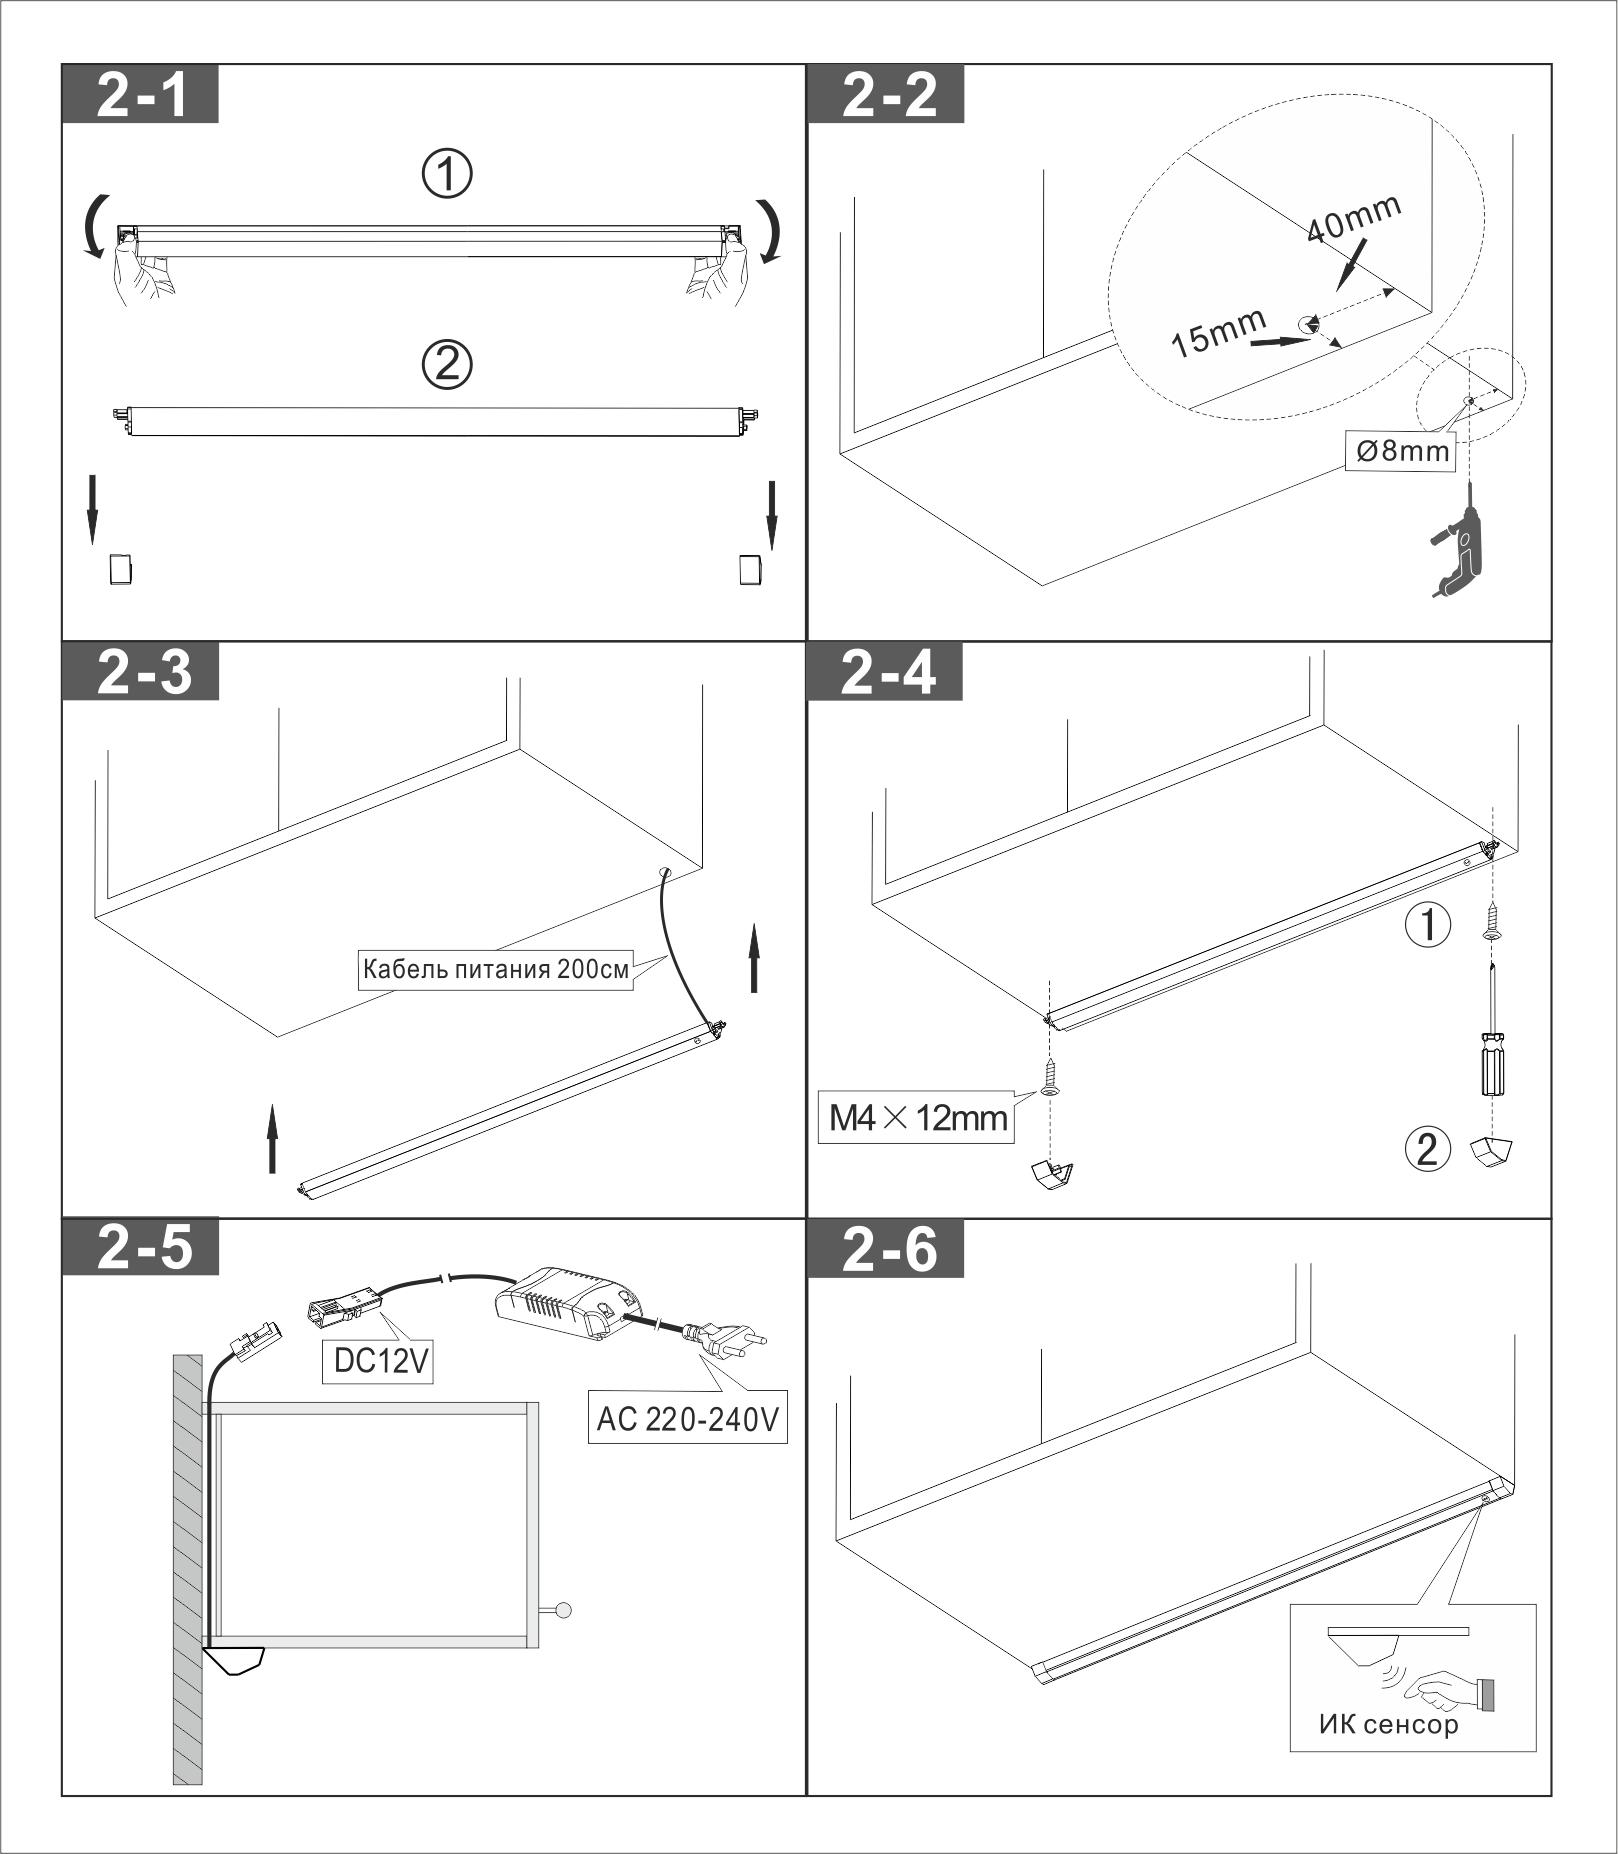 КСС LED Strip-IR   Комплект со светильником 450mm, 12В, 3,6Вт, 4500К — GLS